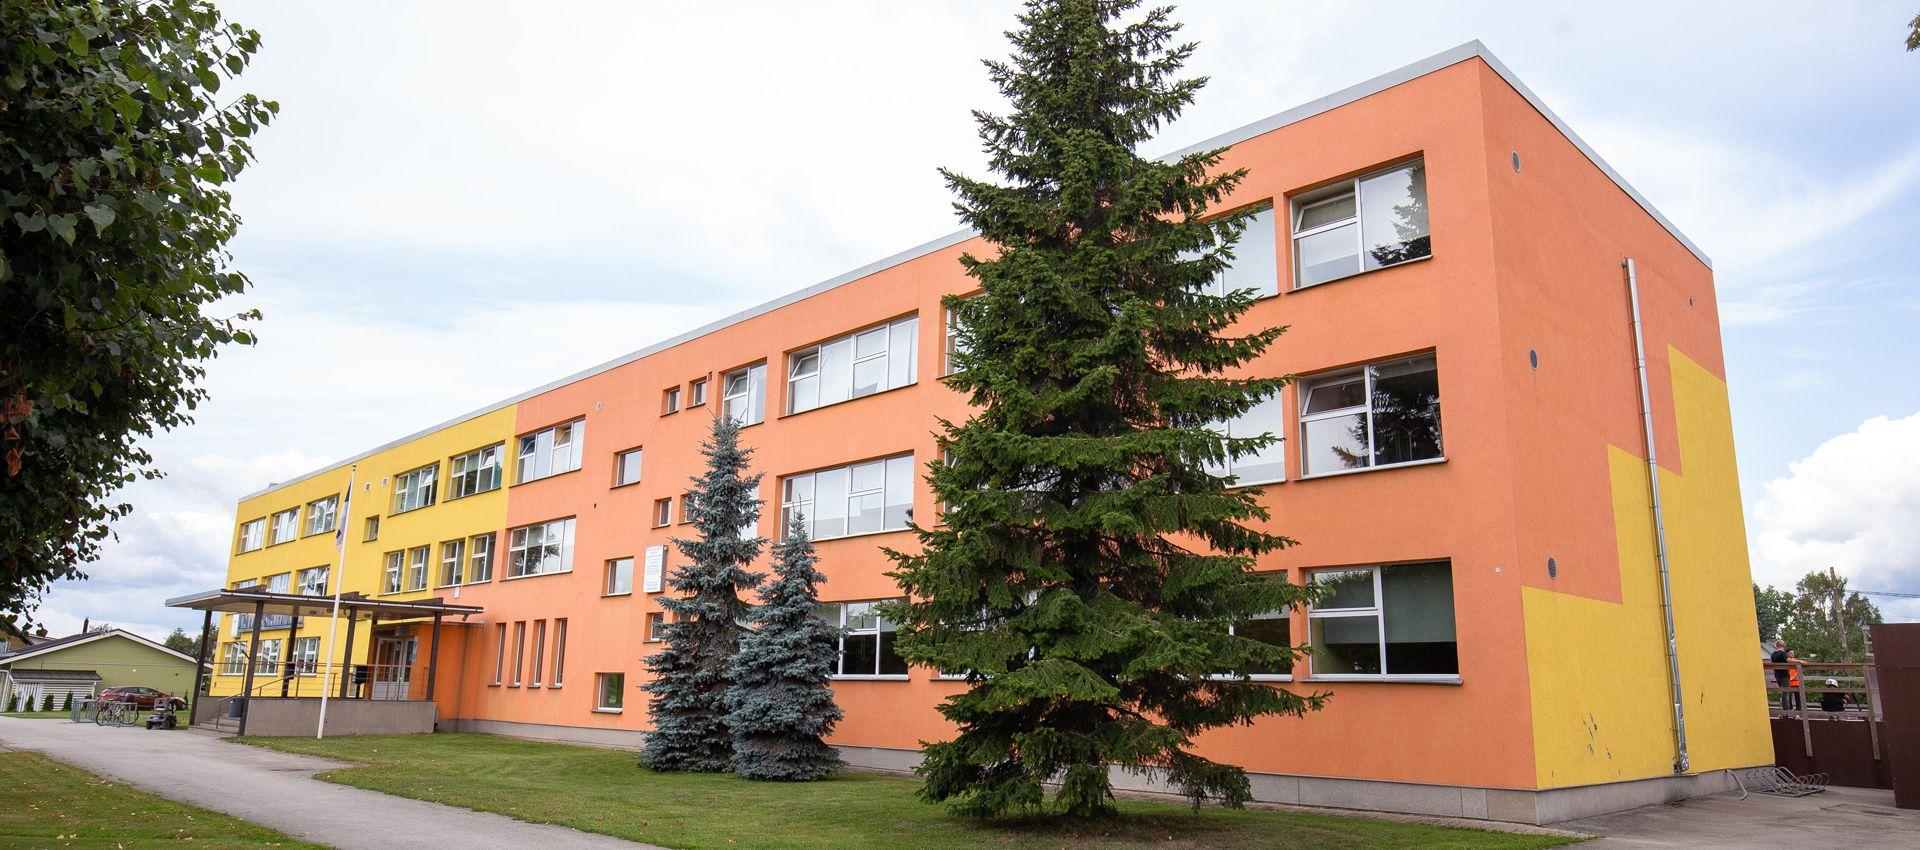 c549579b8ea 40 aastat vana hoonet on vajaduspõhiselt remonditud nii seest kui väljast  ning praegu on ruumide seisukord õppetöö korraldamiseks rahuldav.